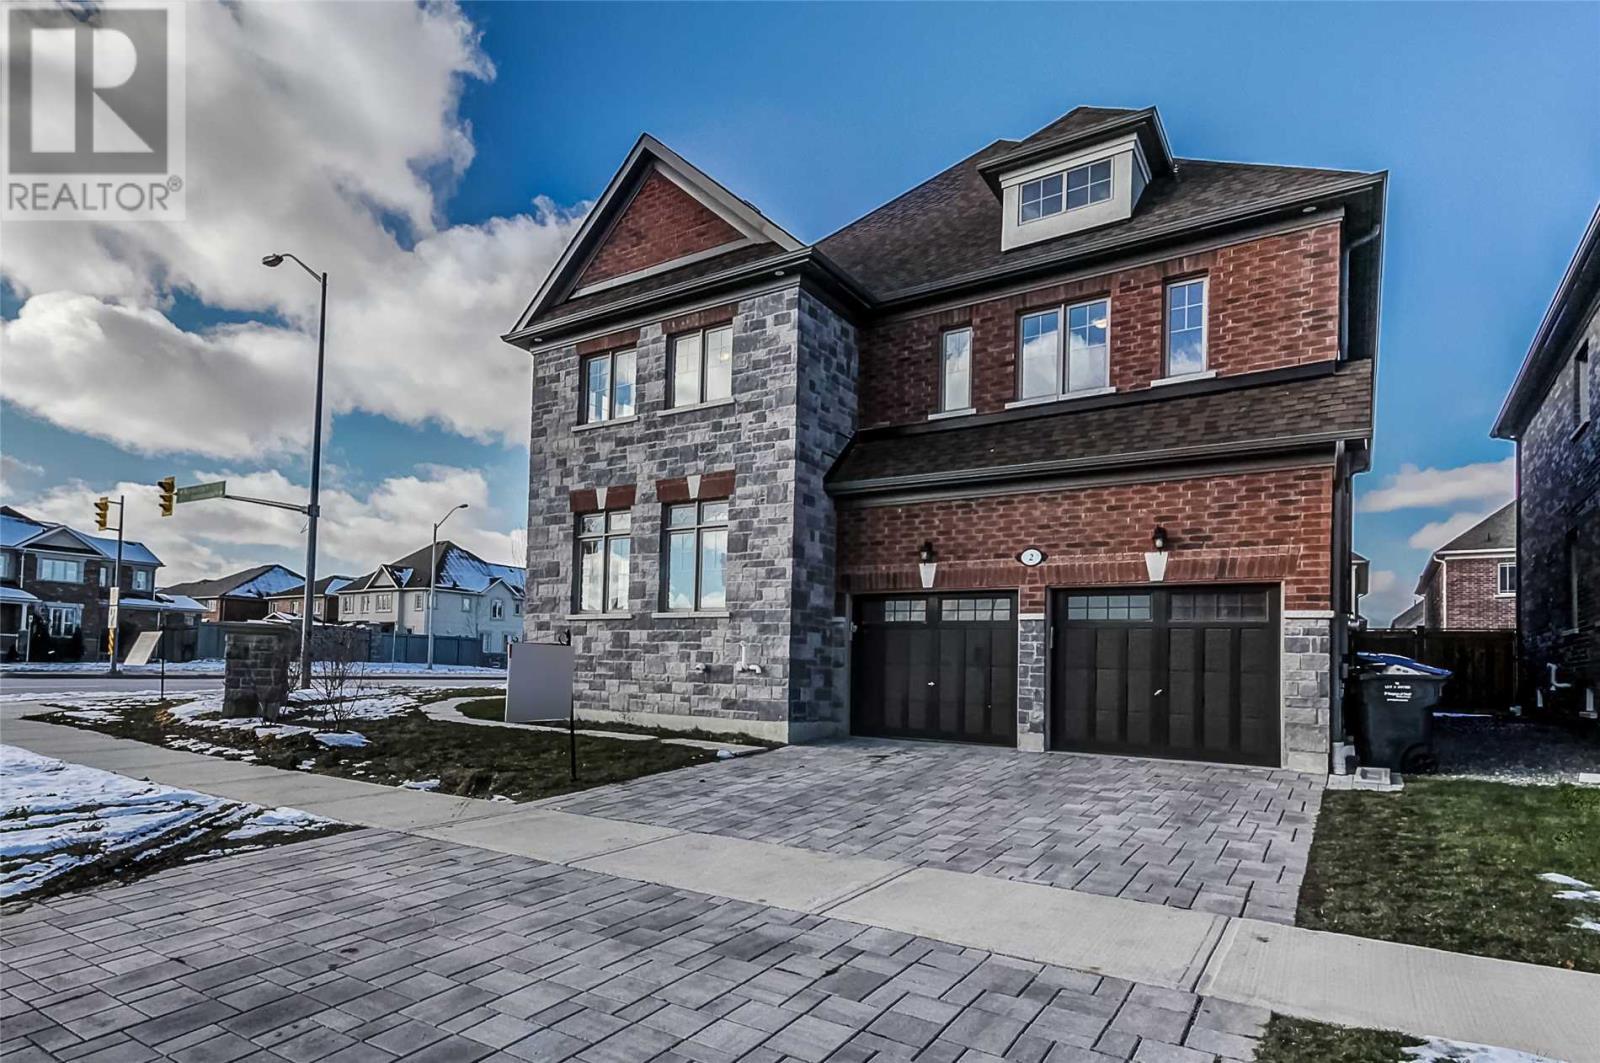 House for sale at 2 Sacramento Road Brampton Ontario - MLS: W4309148